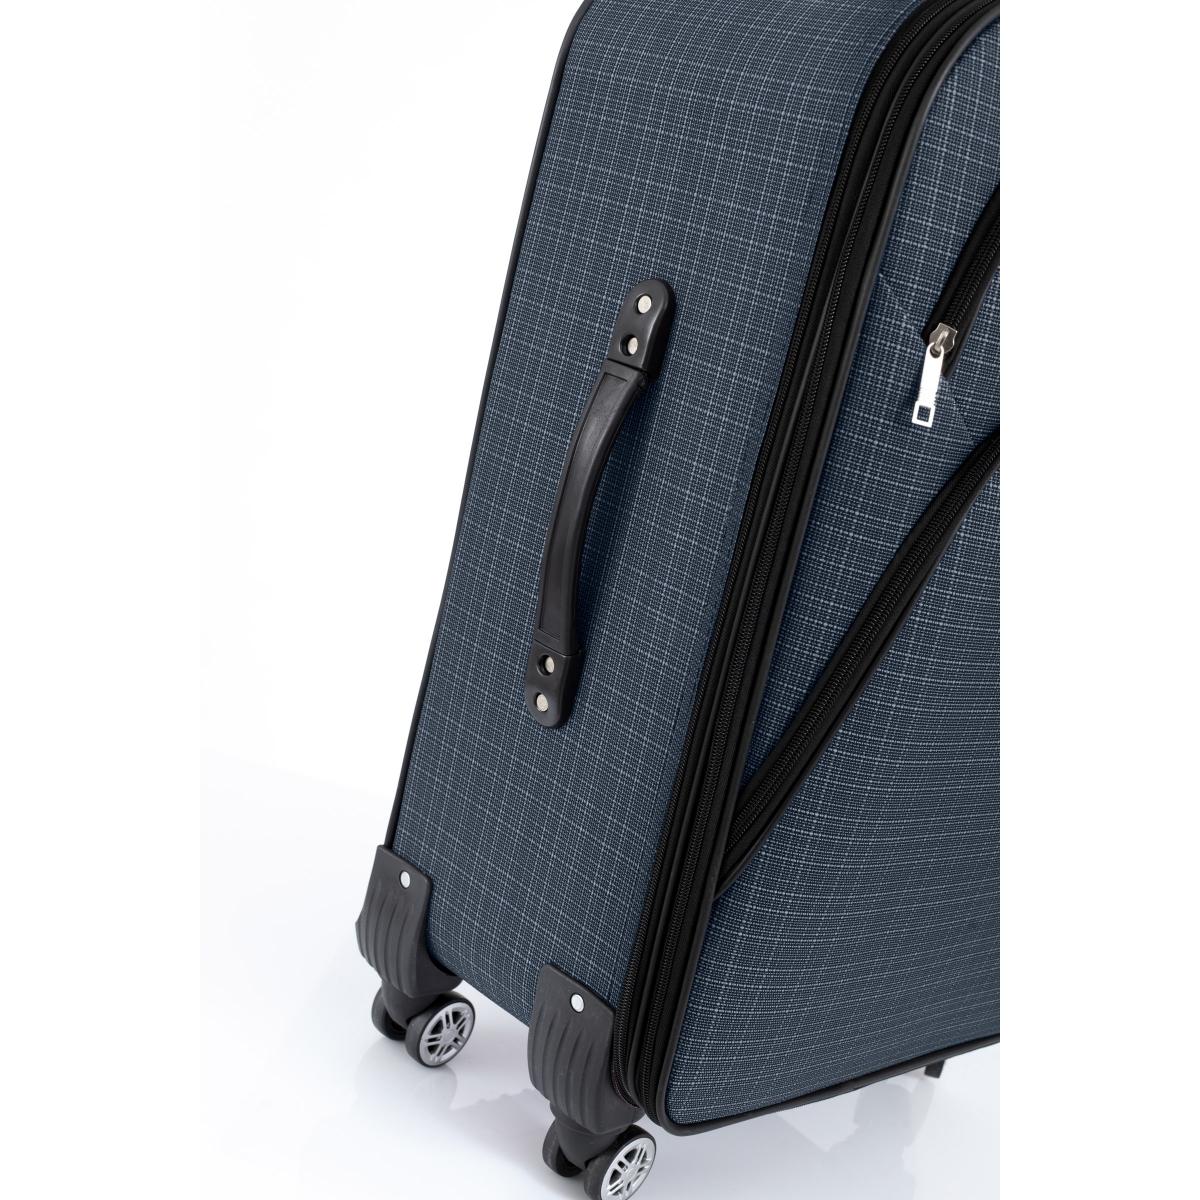 Gedox 4 Teker Geniş Kasa Havlu Kumaş 3'lü Valiz Seyahat Seti - Model: 1000.04 Lacivert